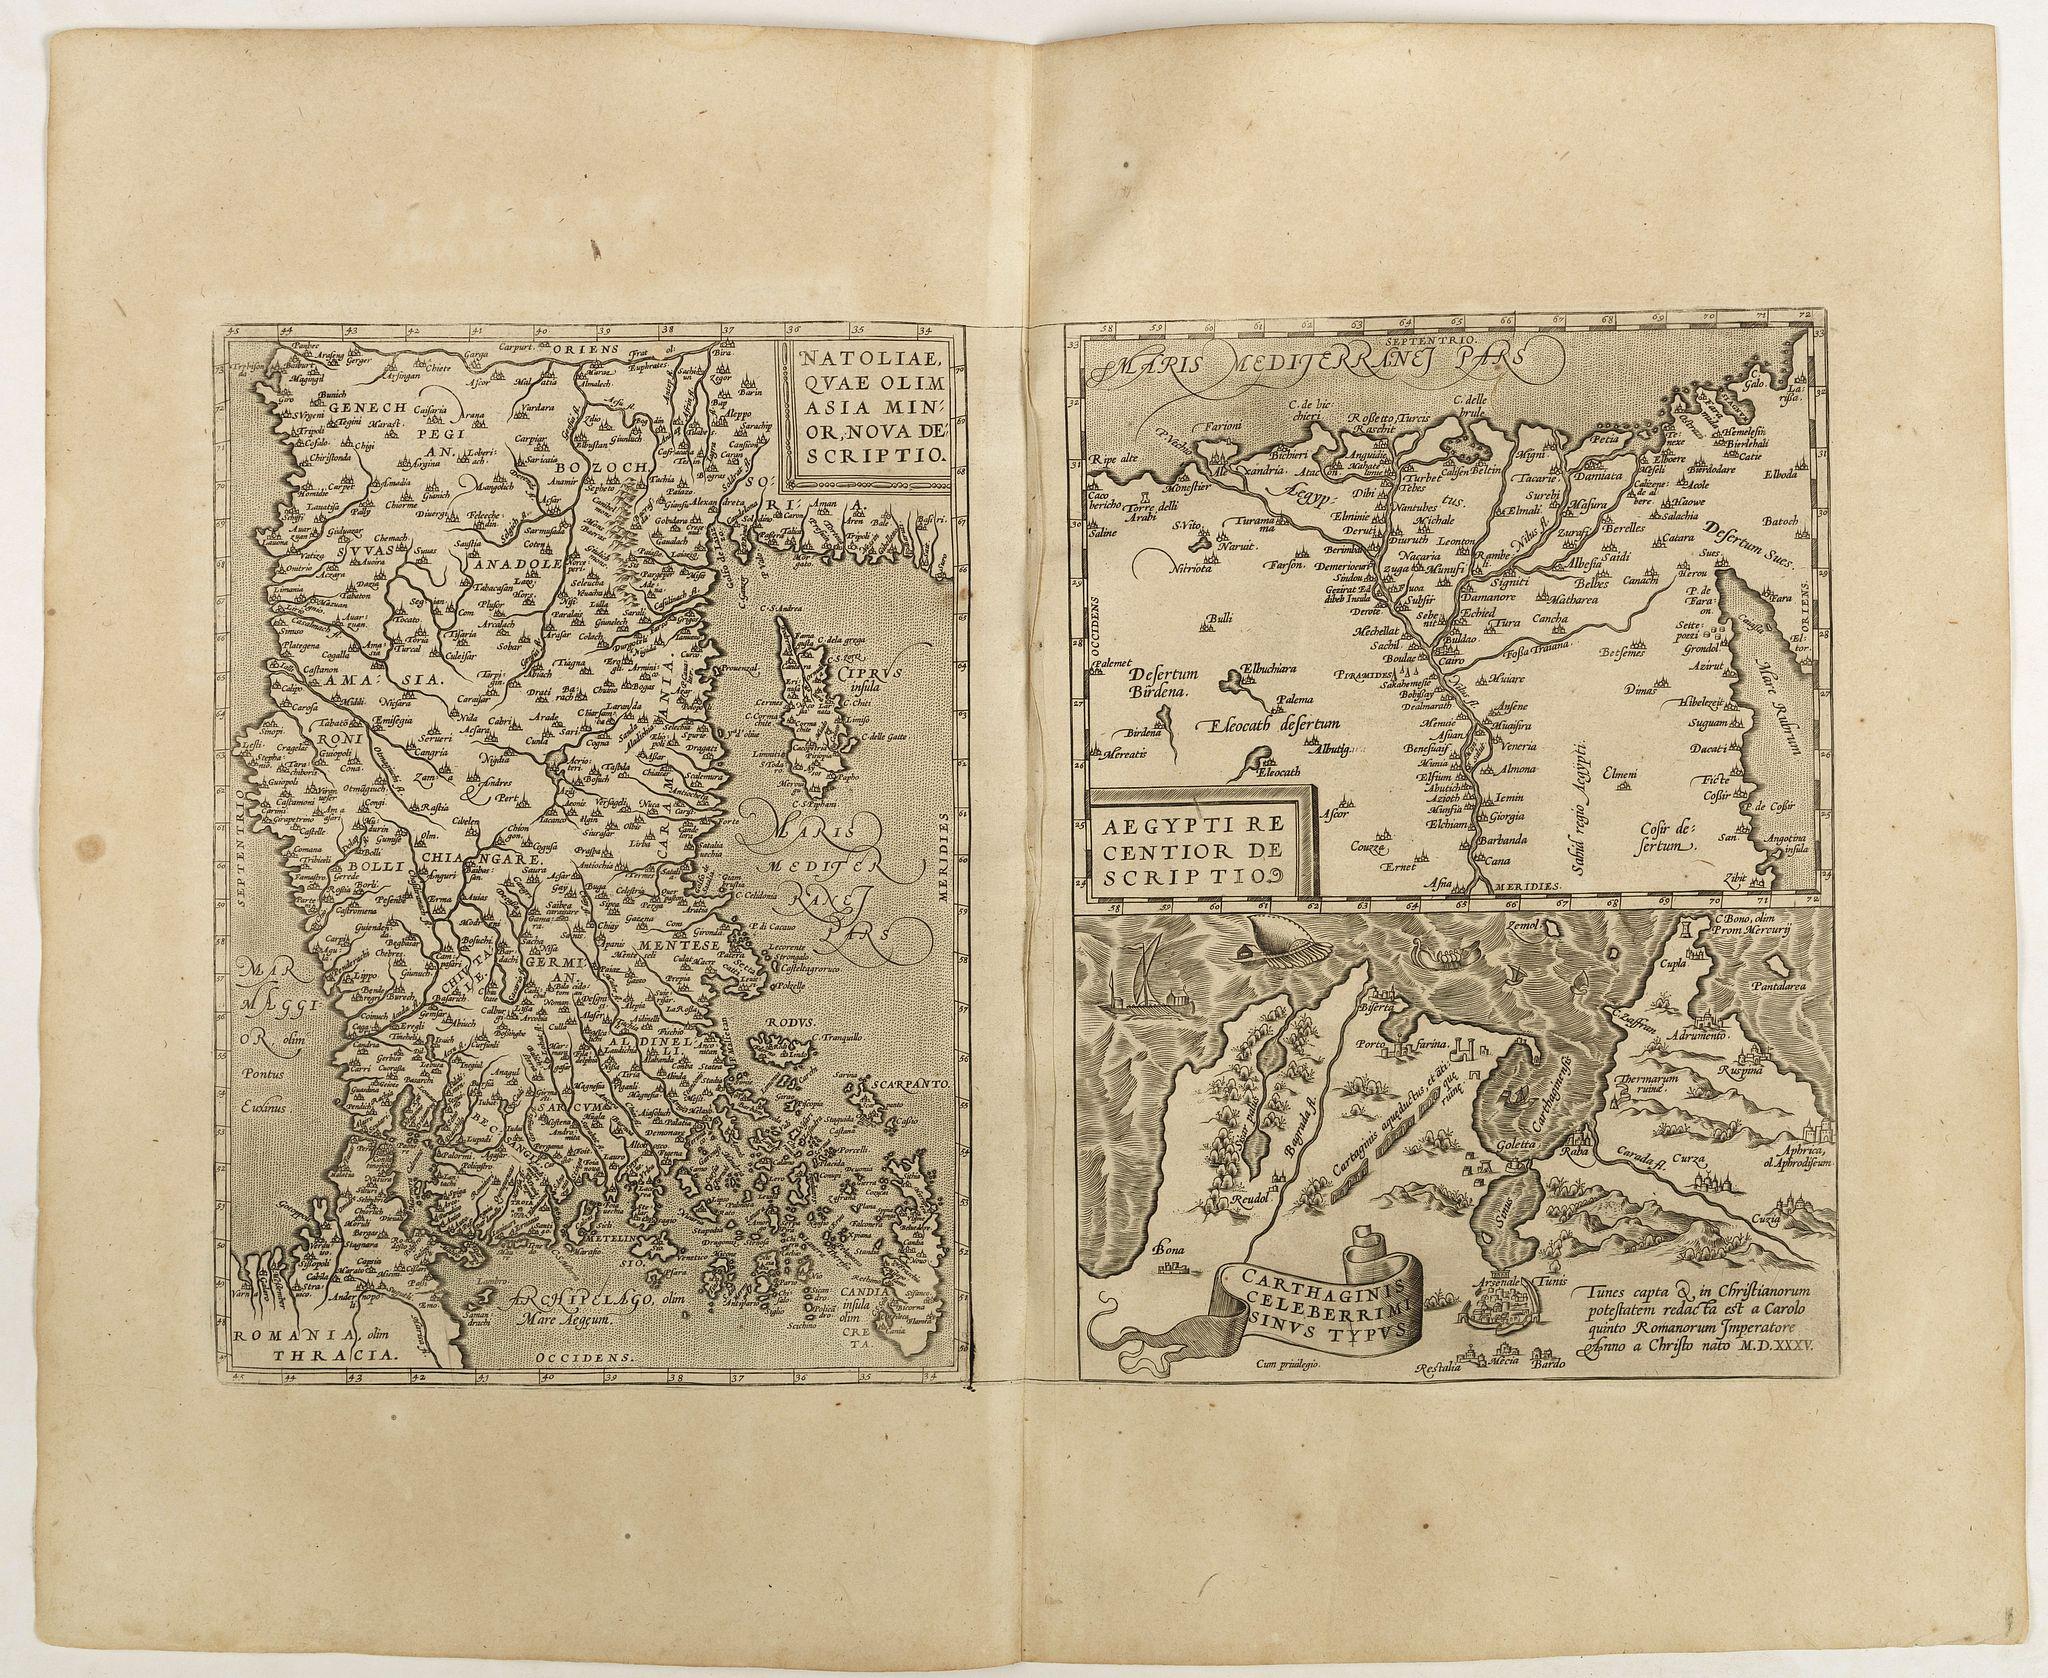 ORTELIUS, A. -  Natoliae Quae Olim Asia Minor, Nova de Scriptio / Carthaginis Celeberrimi Sinus Typus / Aegypti re Centior de Scriptio